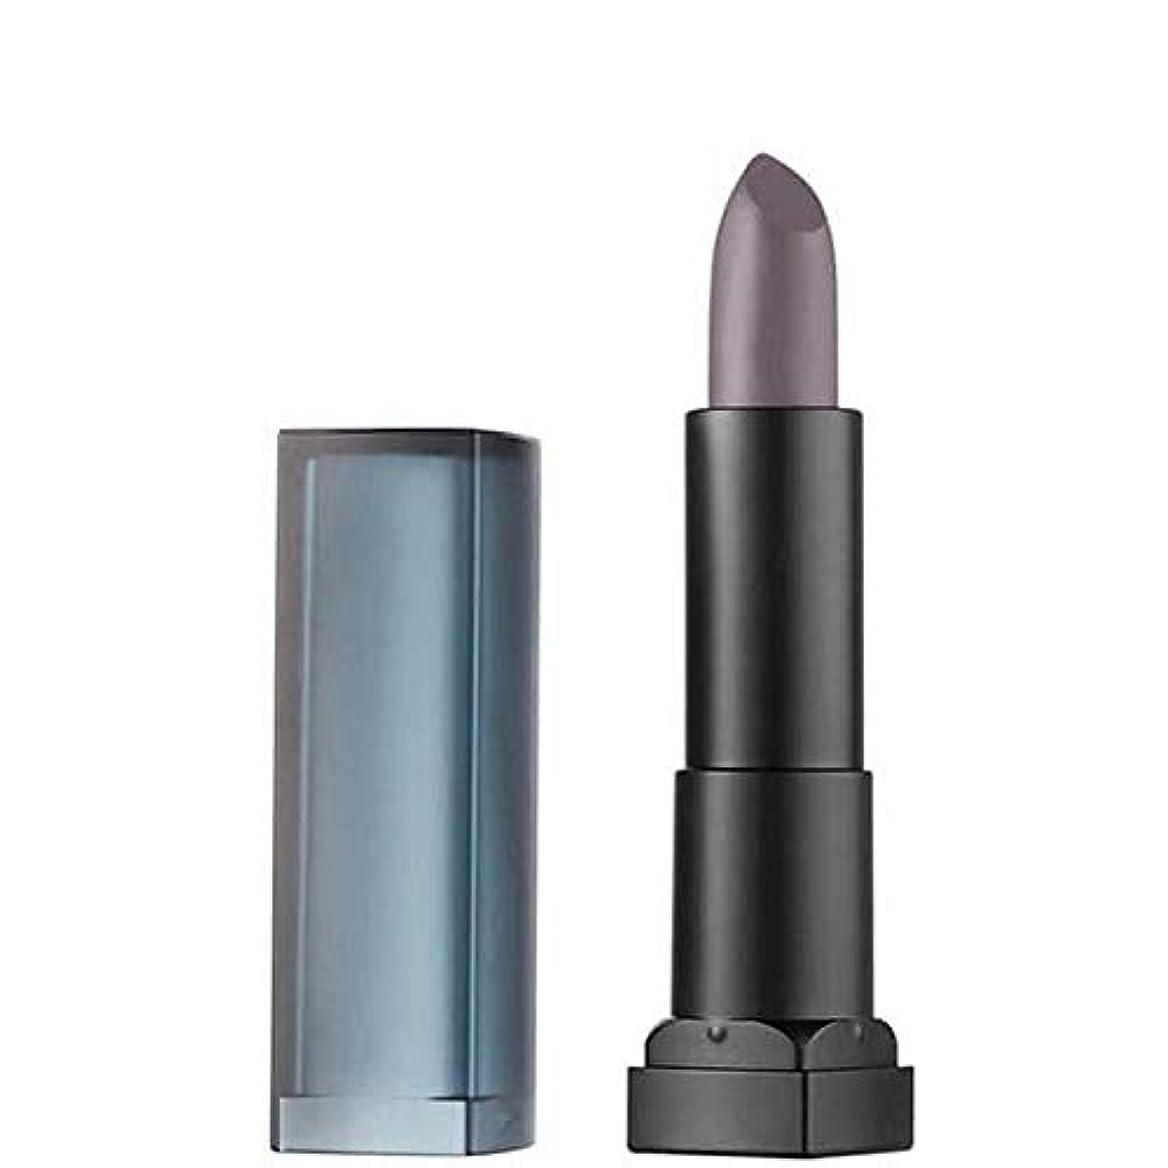 考古学者性交サーバント[Maybelline ] メイベリンカラー扇情的なマットな口紅25冷却グレー - Maybelline Color Sensational Matte Lipstick 25 Chilling Grey [並行輸入品]